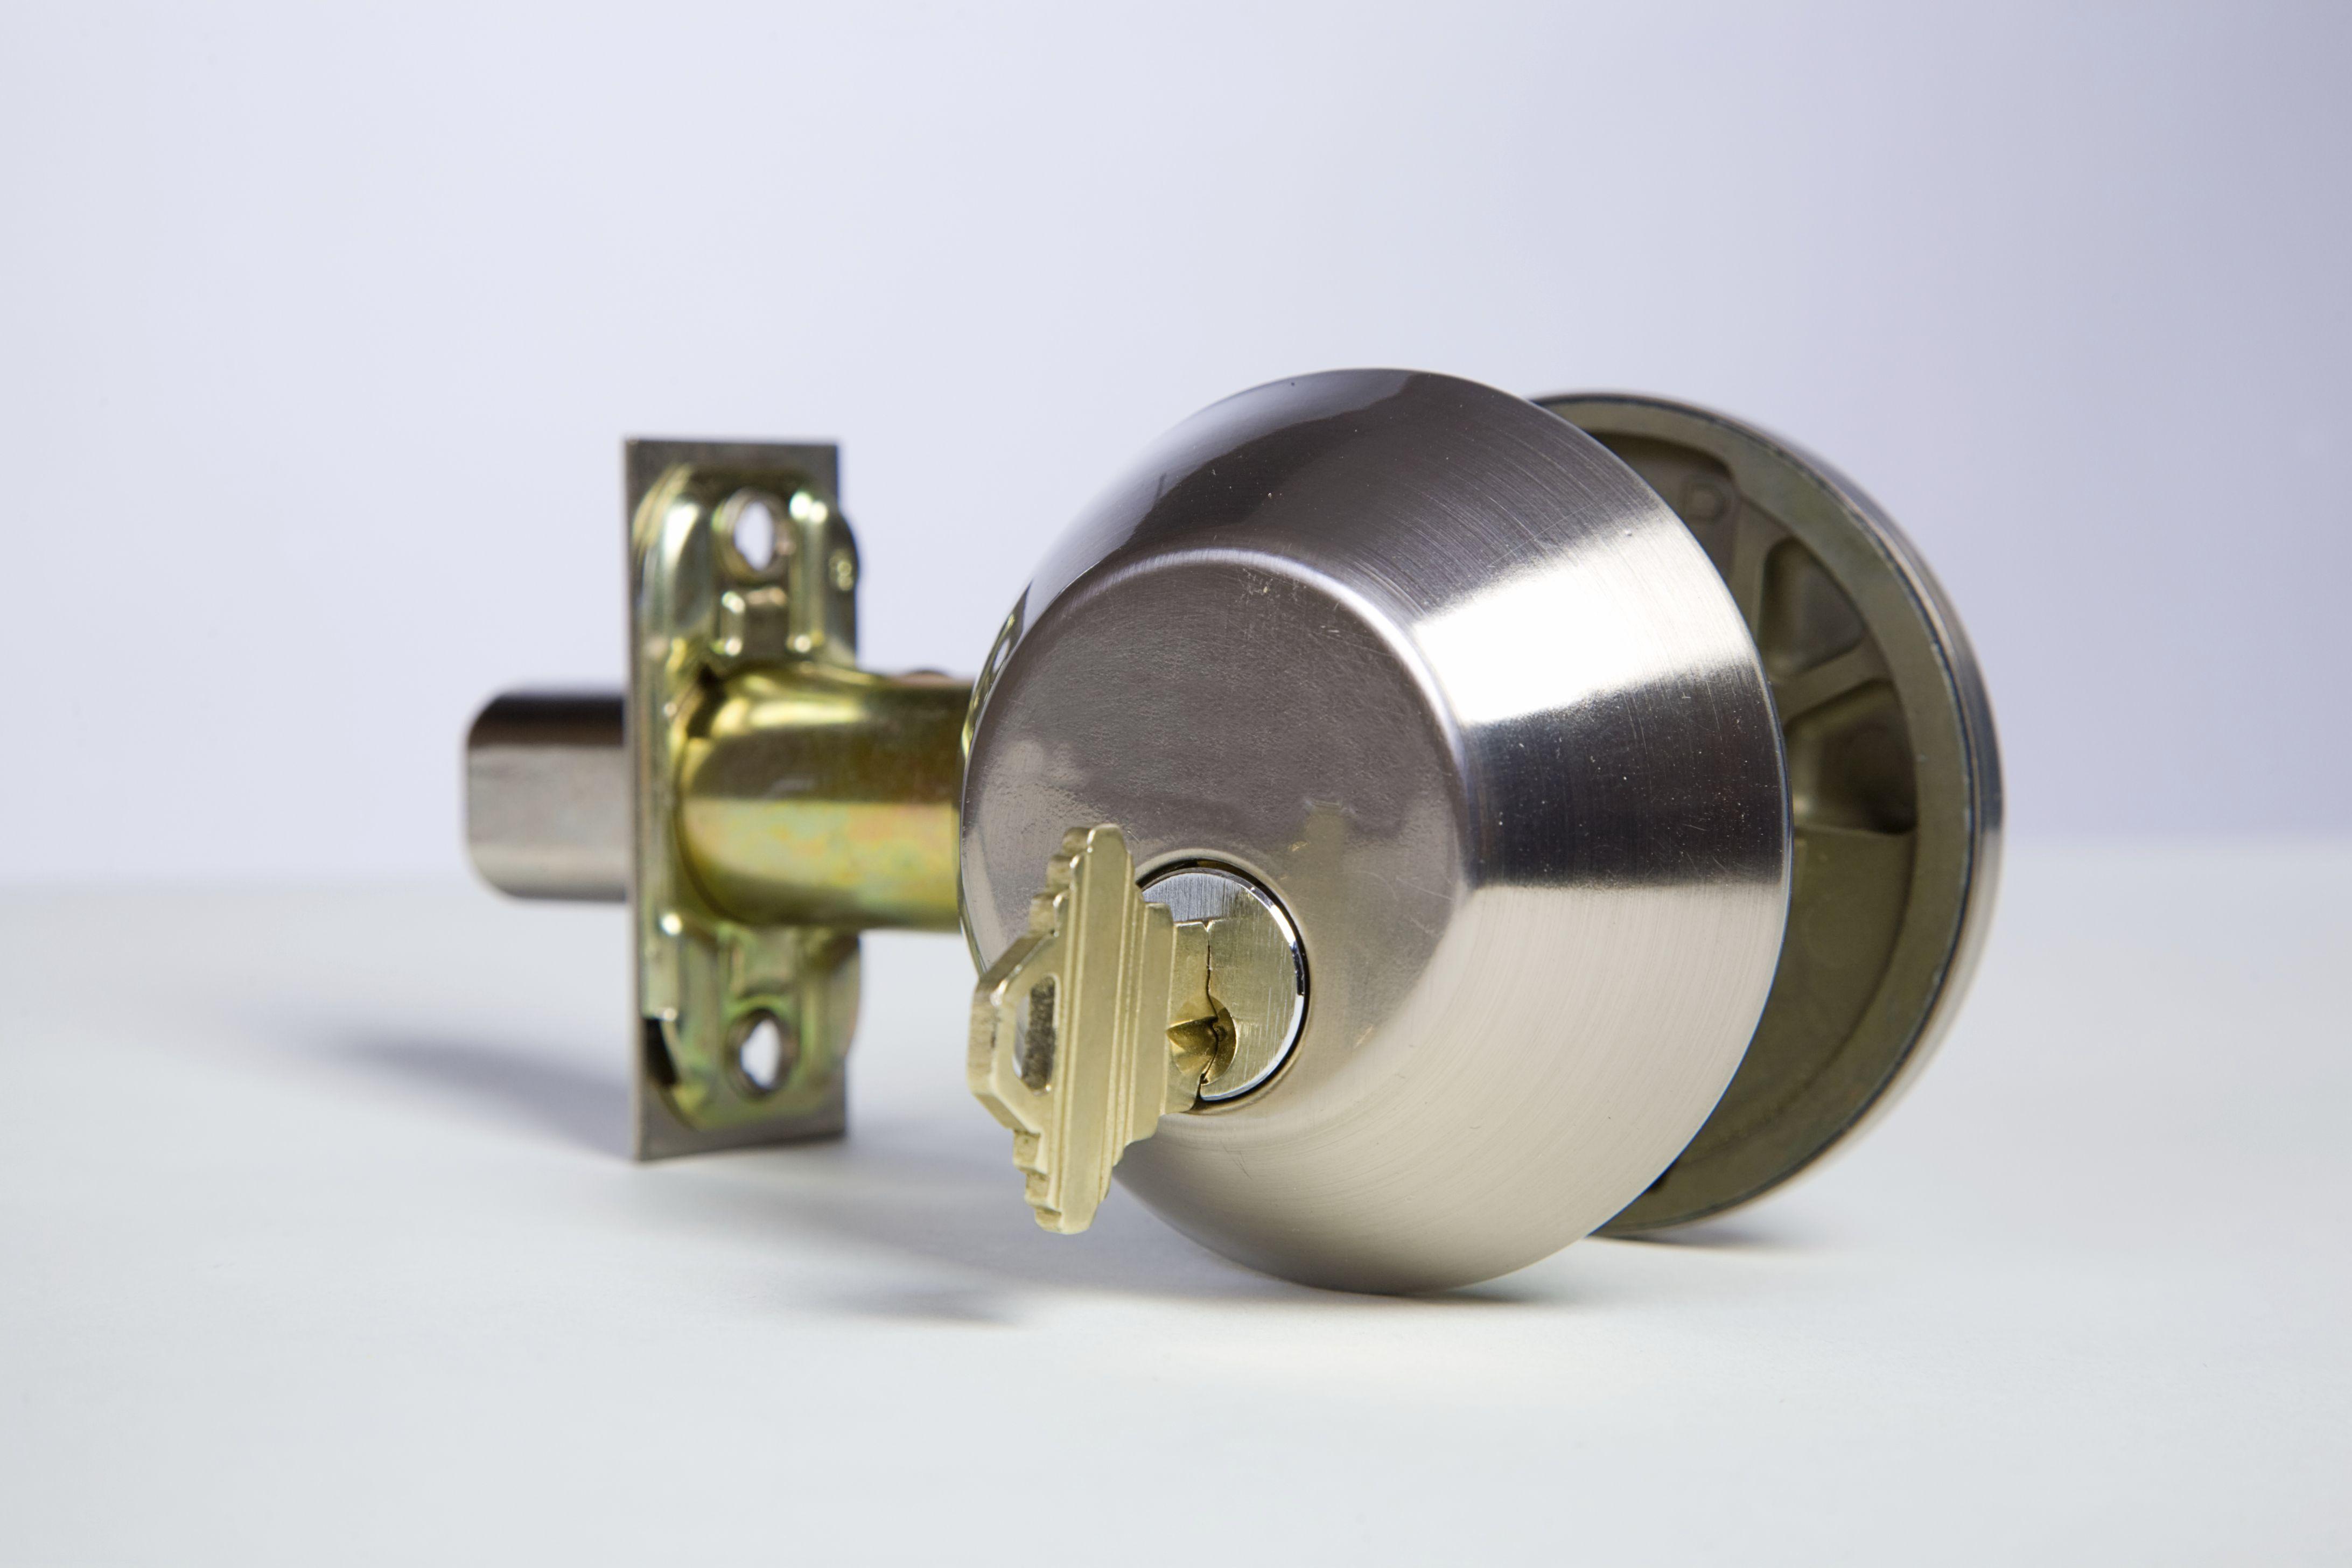 Cambio de cerraduras y bombines de seguridad: Servicios de Cerrajería M. A. 24 Horas